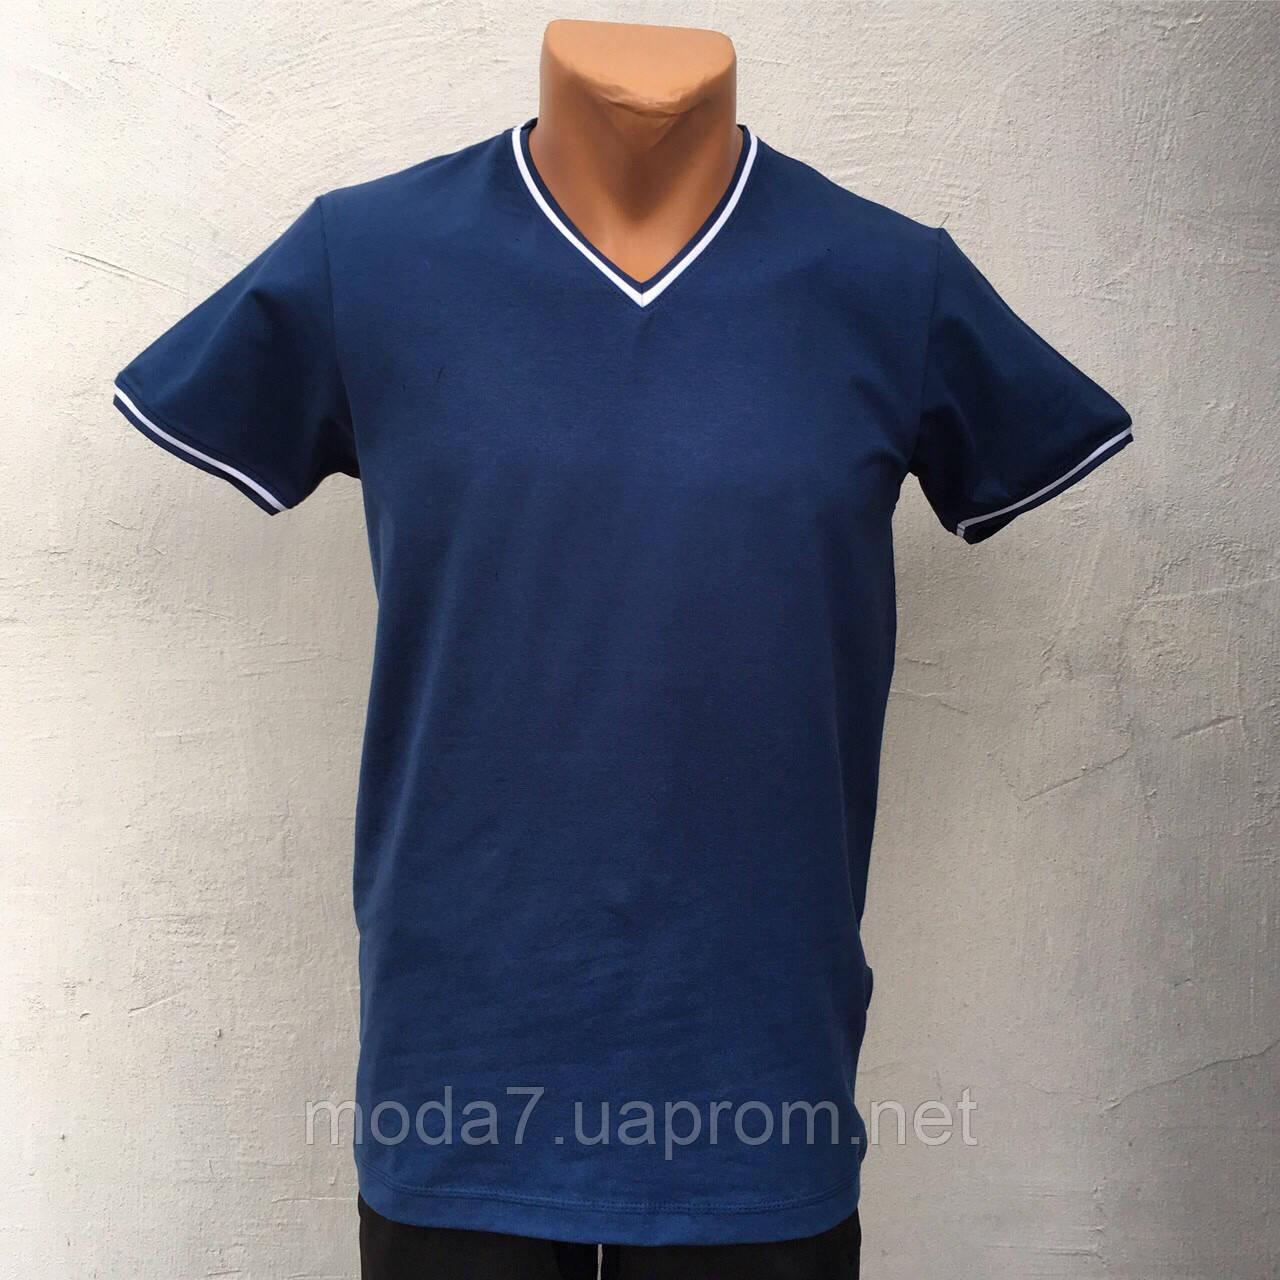 Футболка мужская синяя однотонная VM